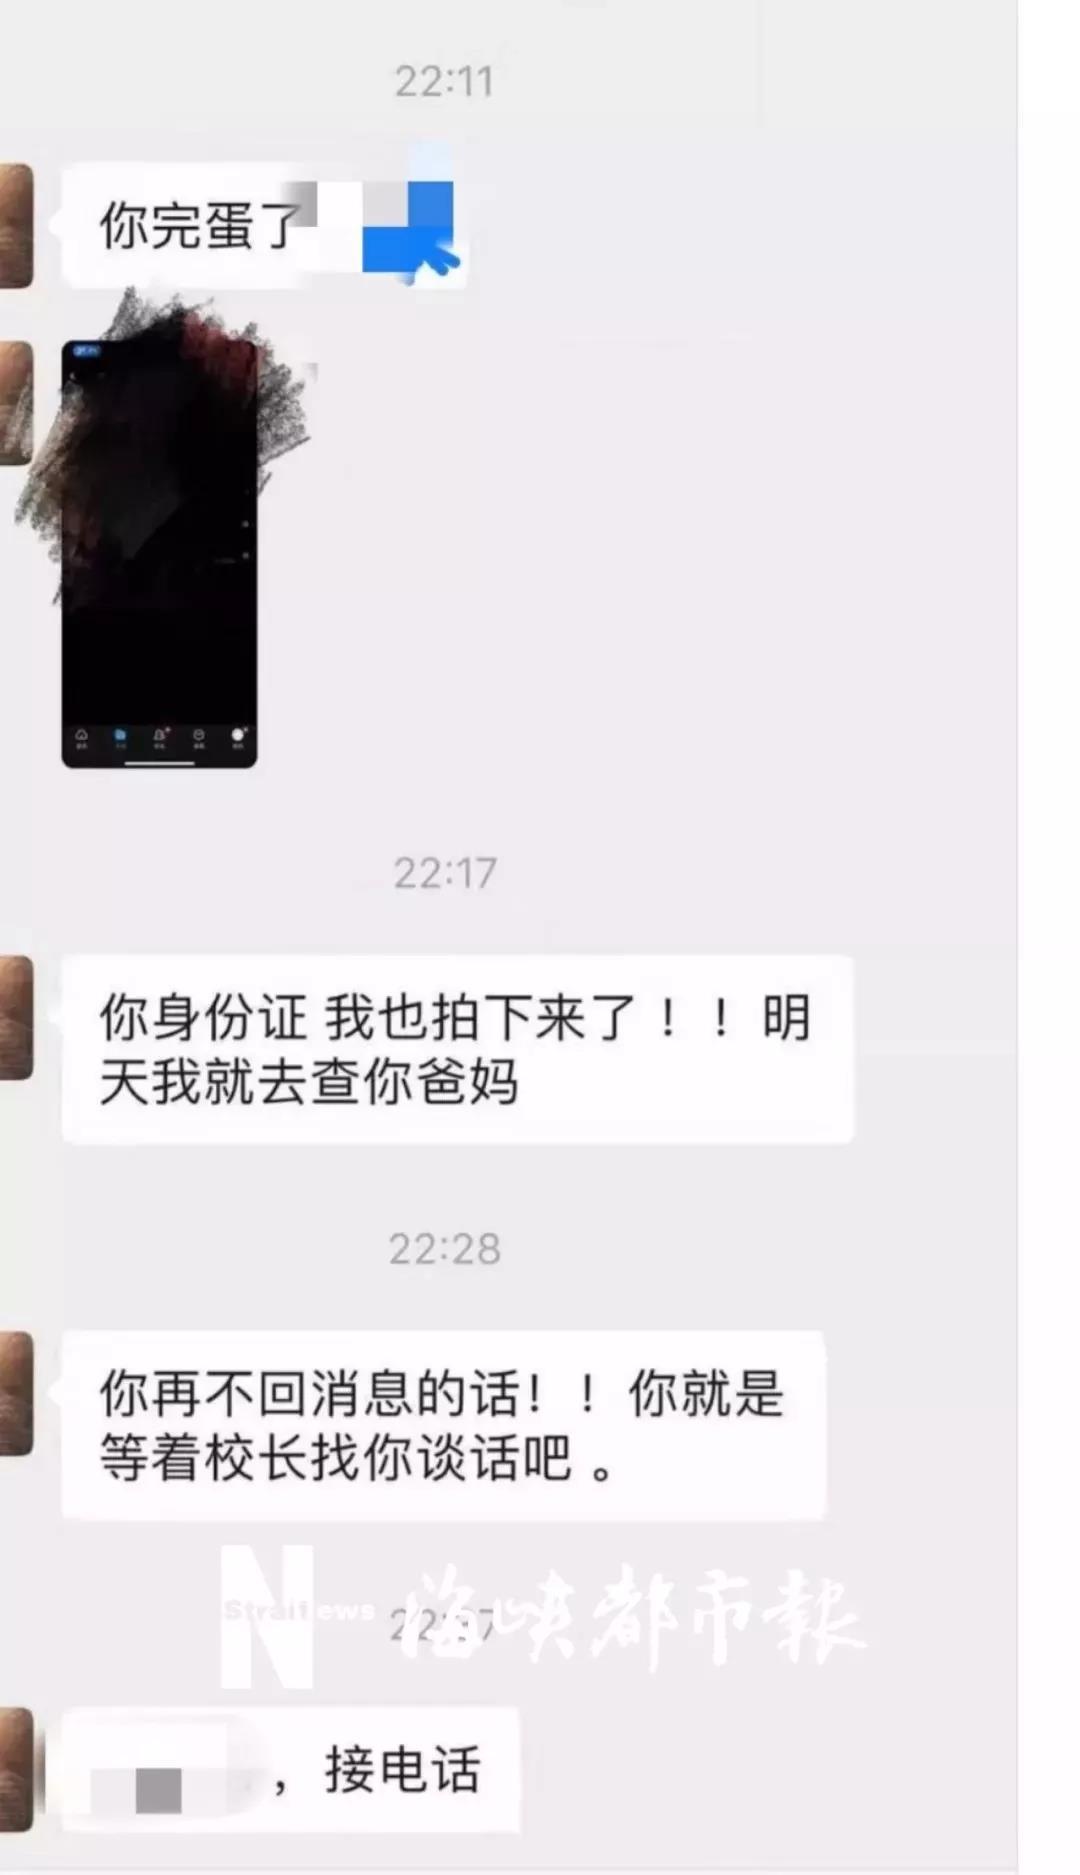 新华每日电讯:女生疑遭前男友曝私照自杀,谴责受害者合适吗